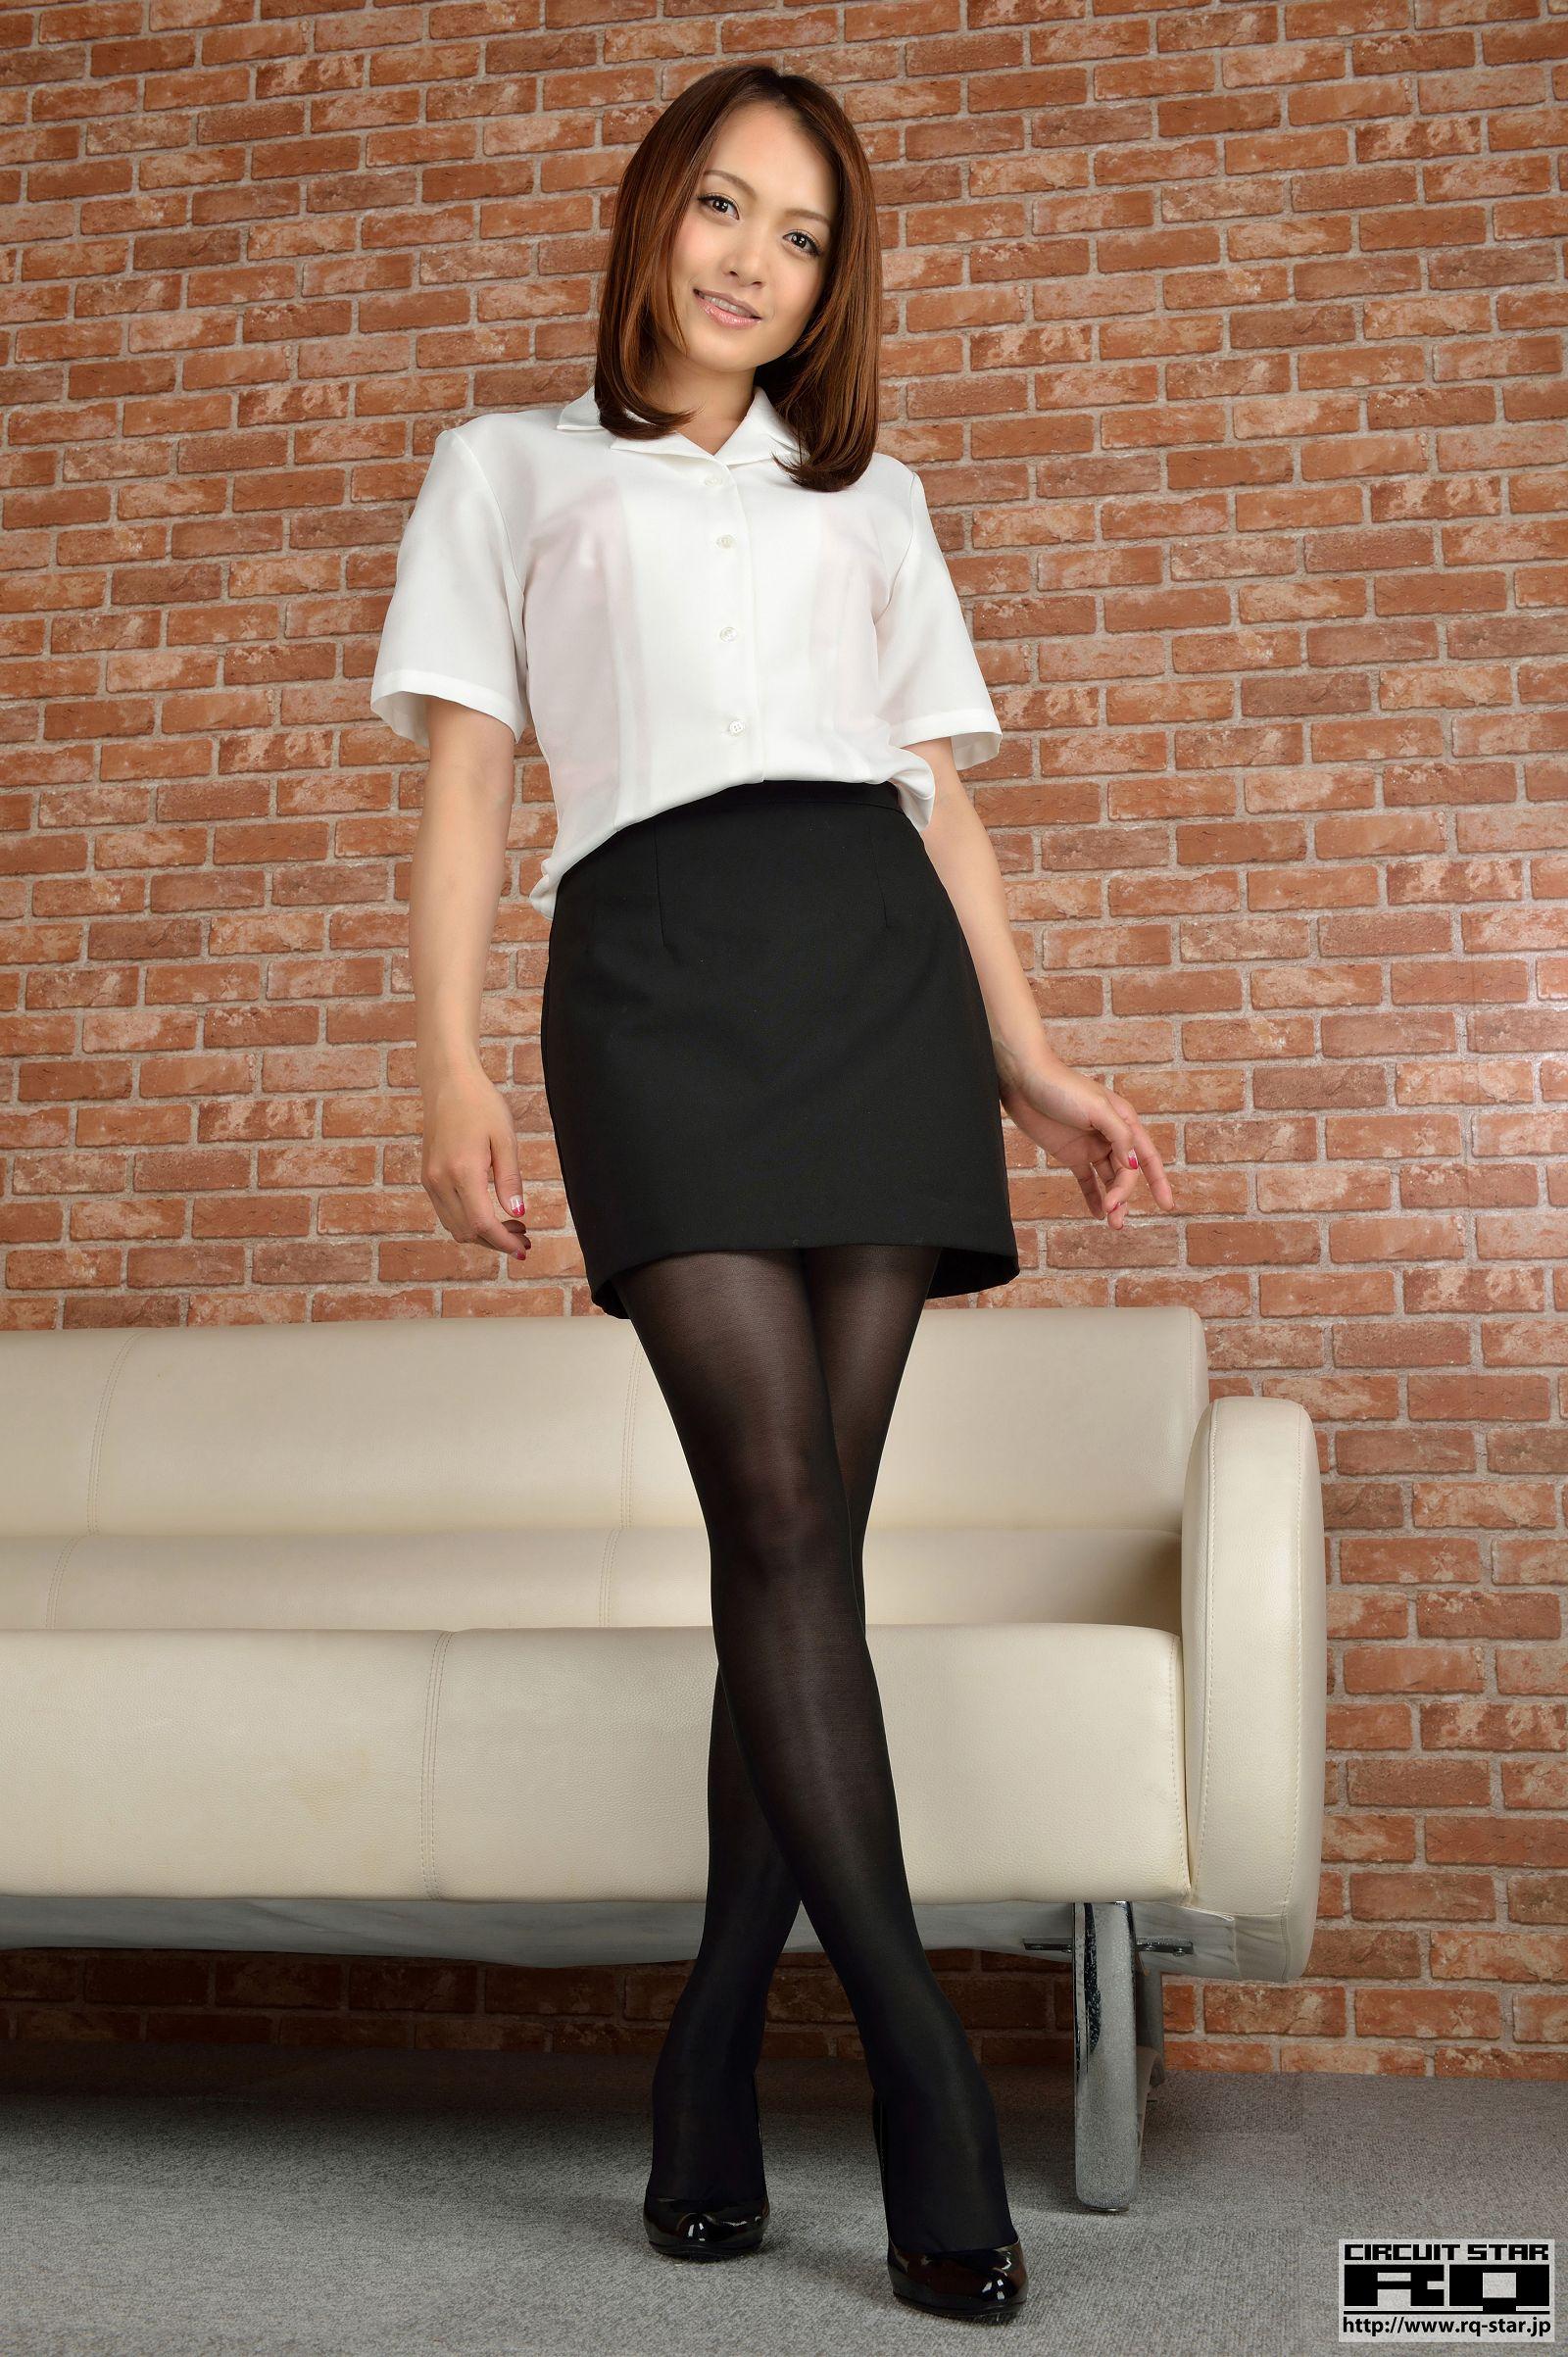 [RQ STAR美女] NO.01019 Rina Itoh いとうりな Office Lady[125P] RQ STAR 第1张